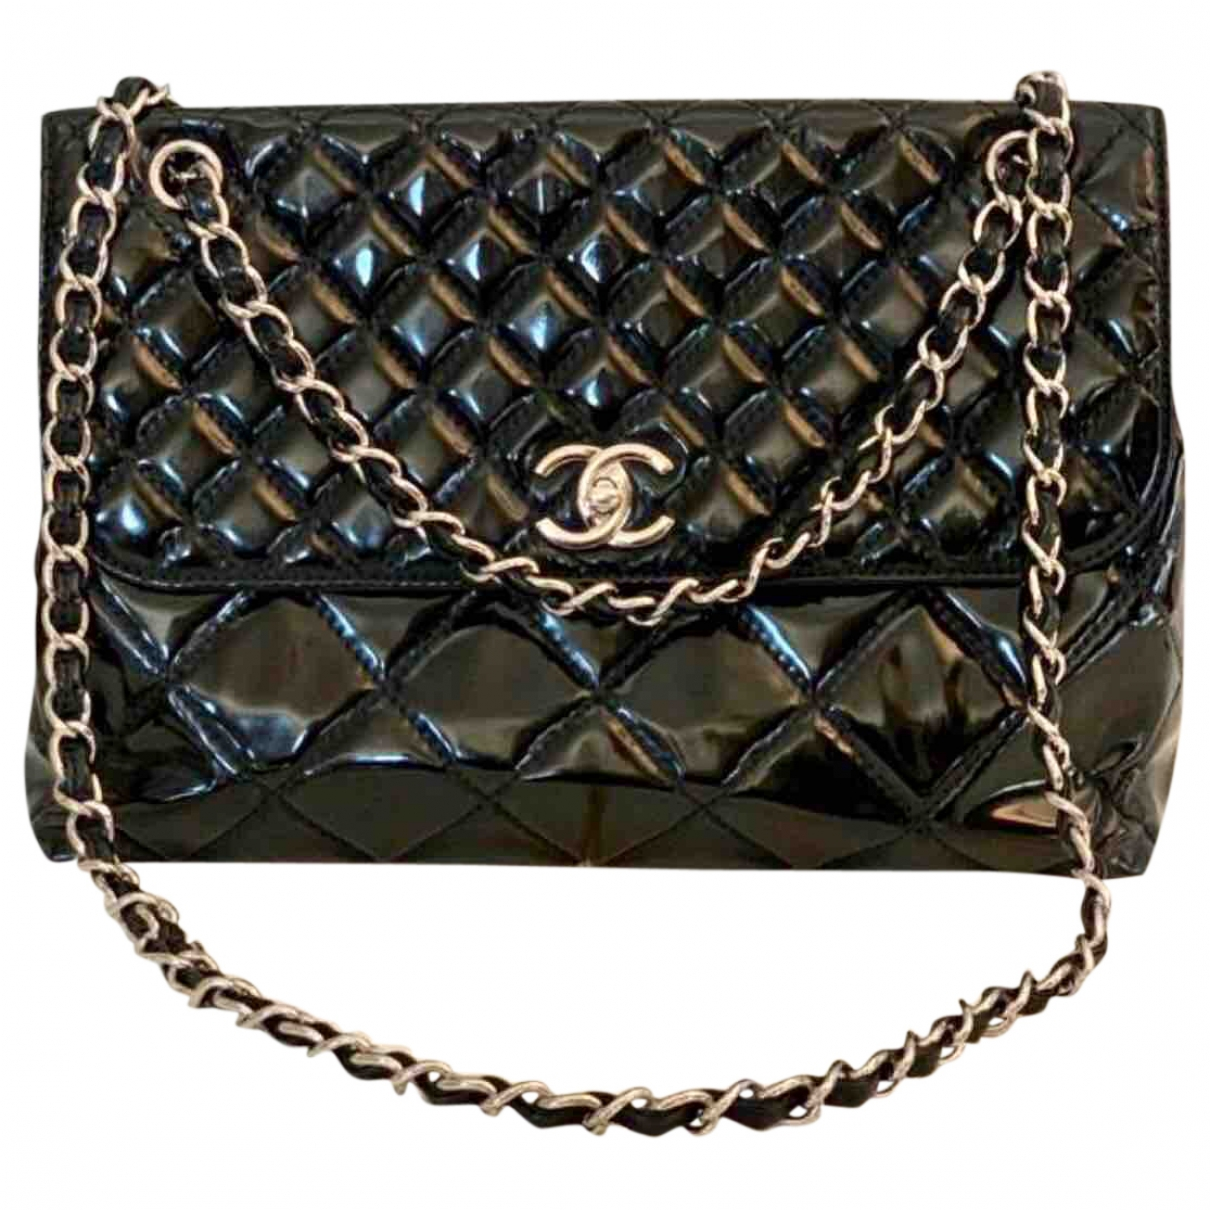 Chanel \N Handtasche in  Schwarz Lackleder